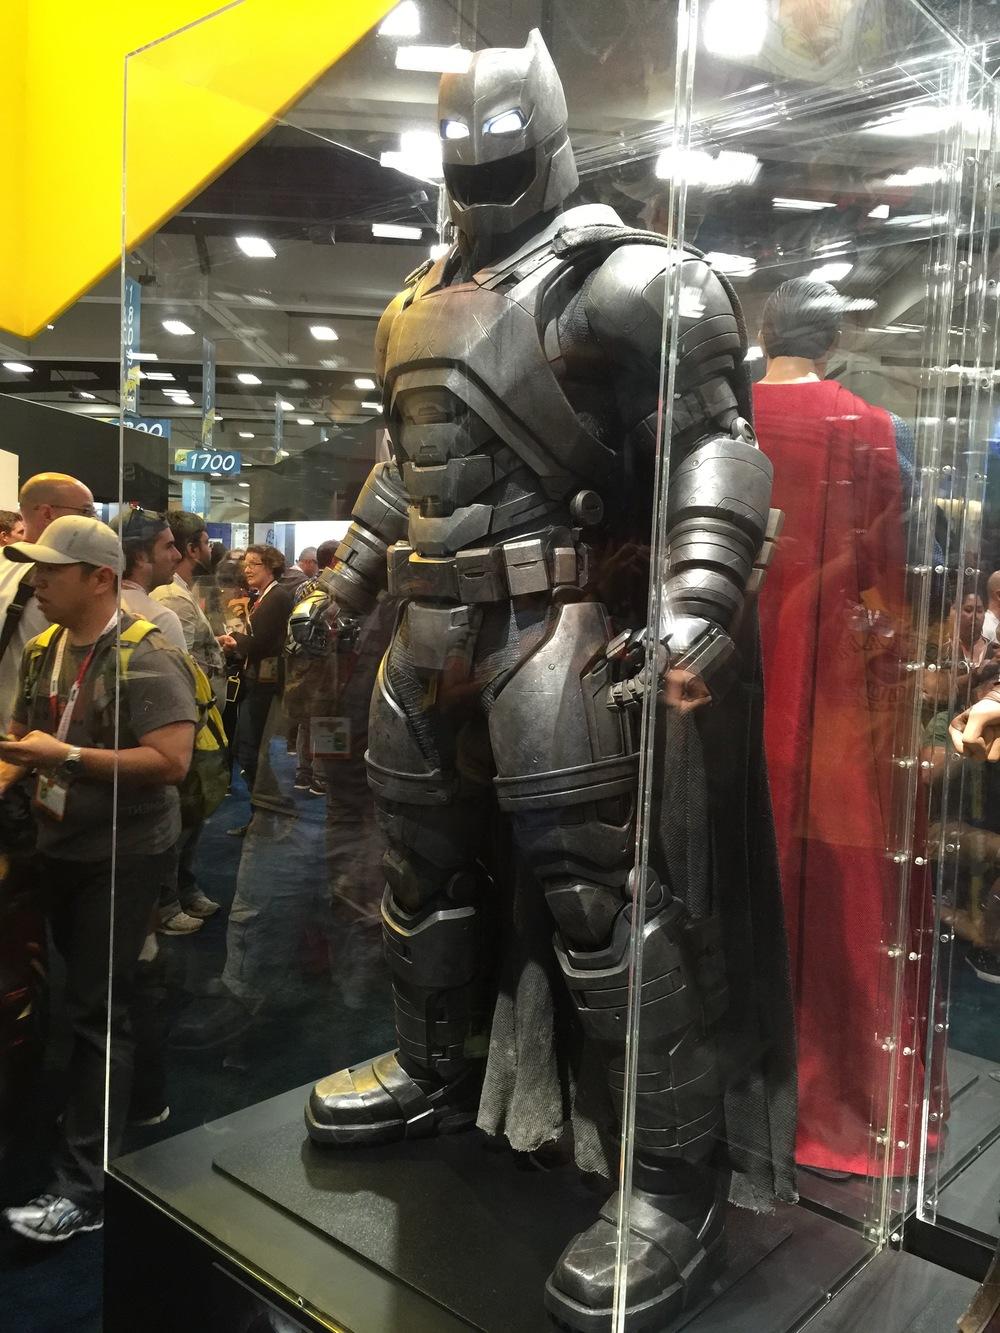 batman-v-superman-batman-armor-costumes-weapons-prop-photos